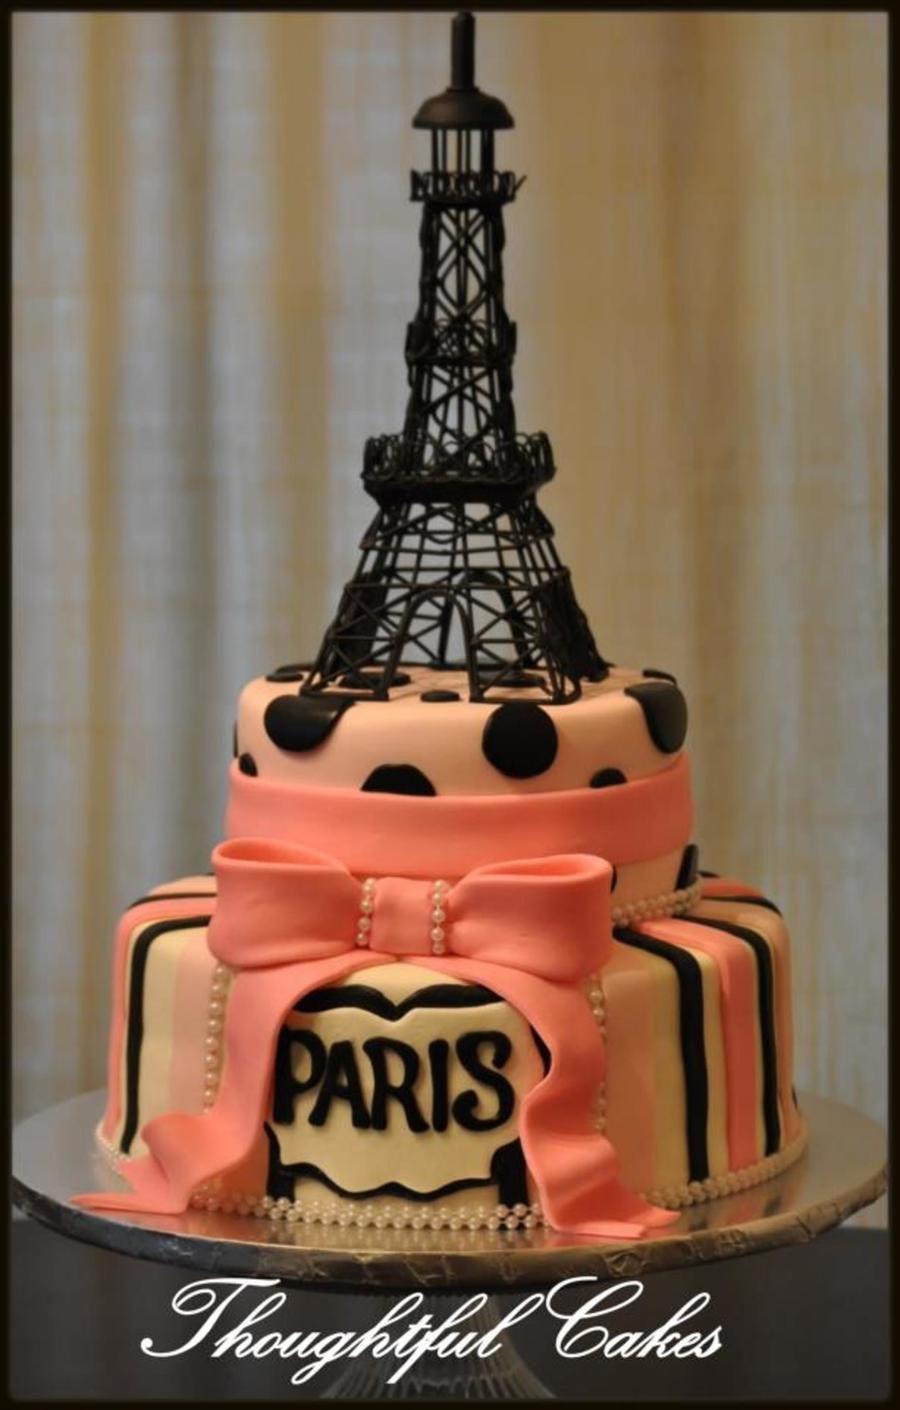 Paris Eiffel Tower Birthday Cake On Cake Central Cakes - Birthday cake paris